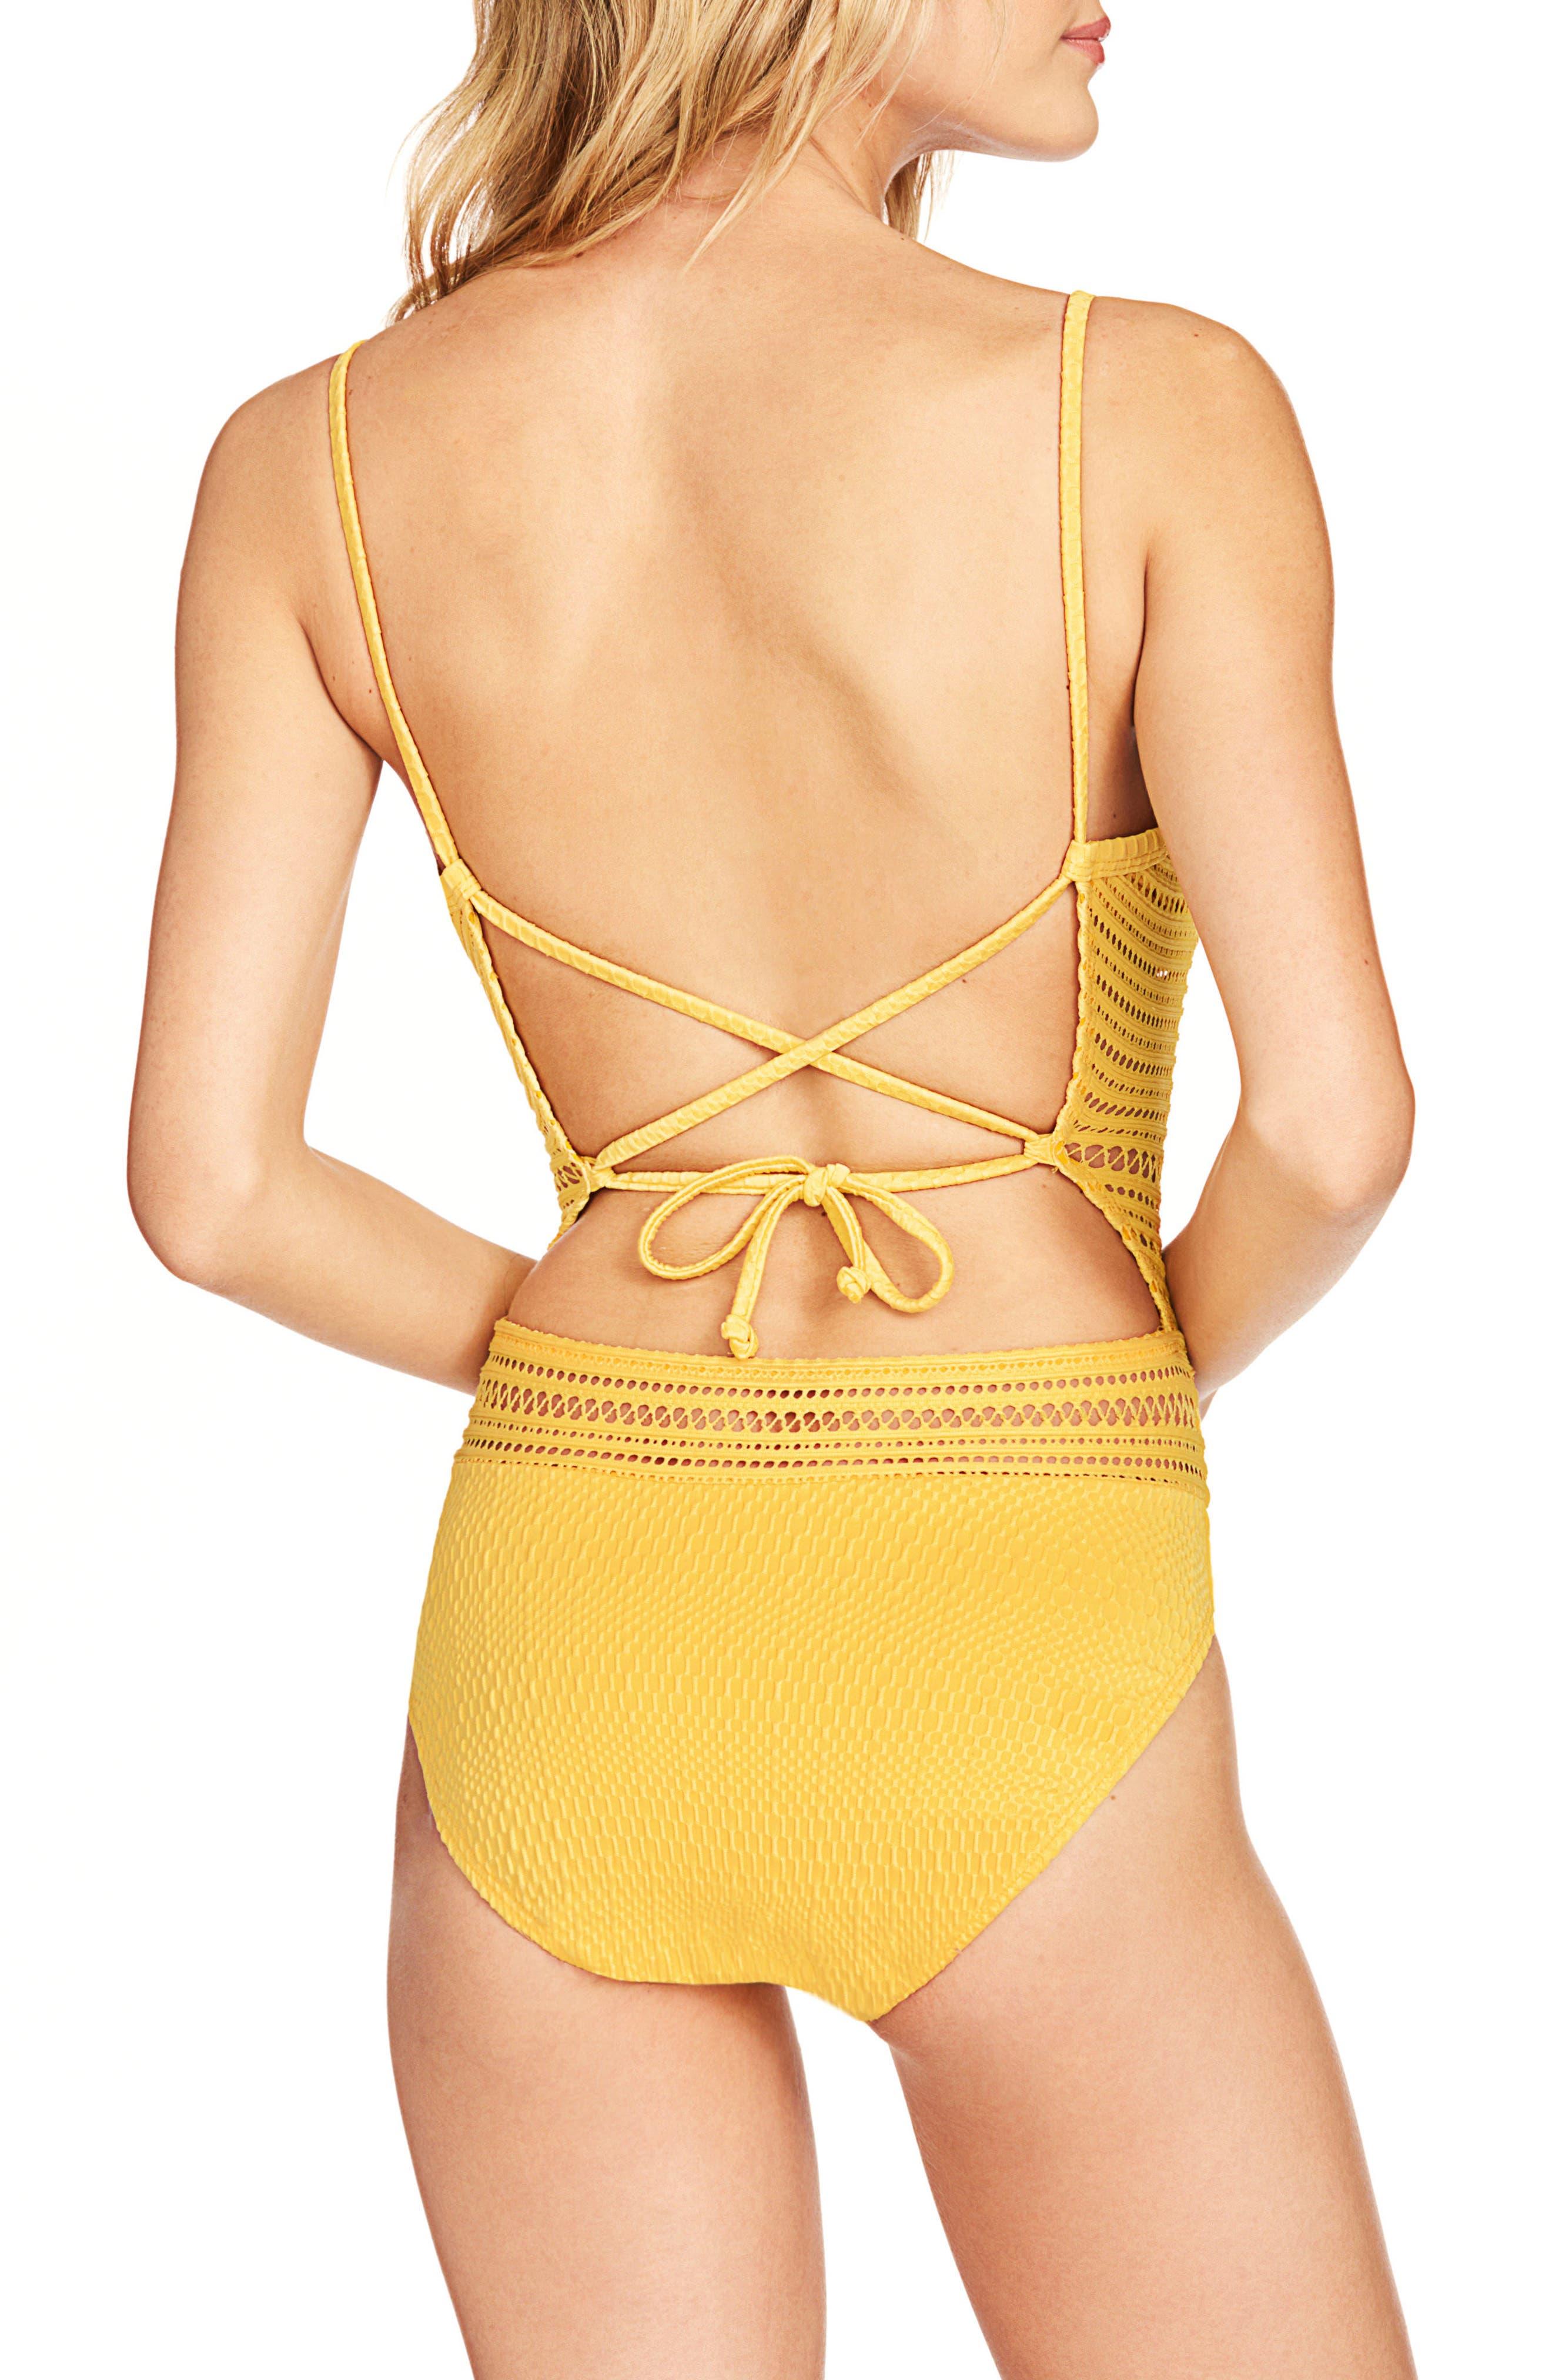 Perla Badeau One-Piece Swimsuit,                             Alternate thumbnail 2, color,                             DANDELION